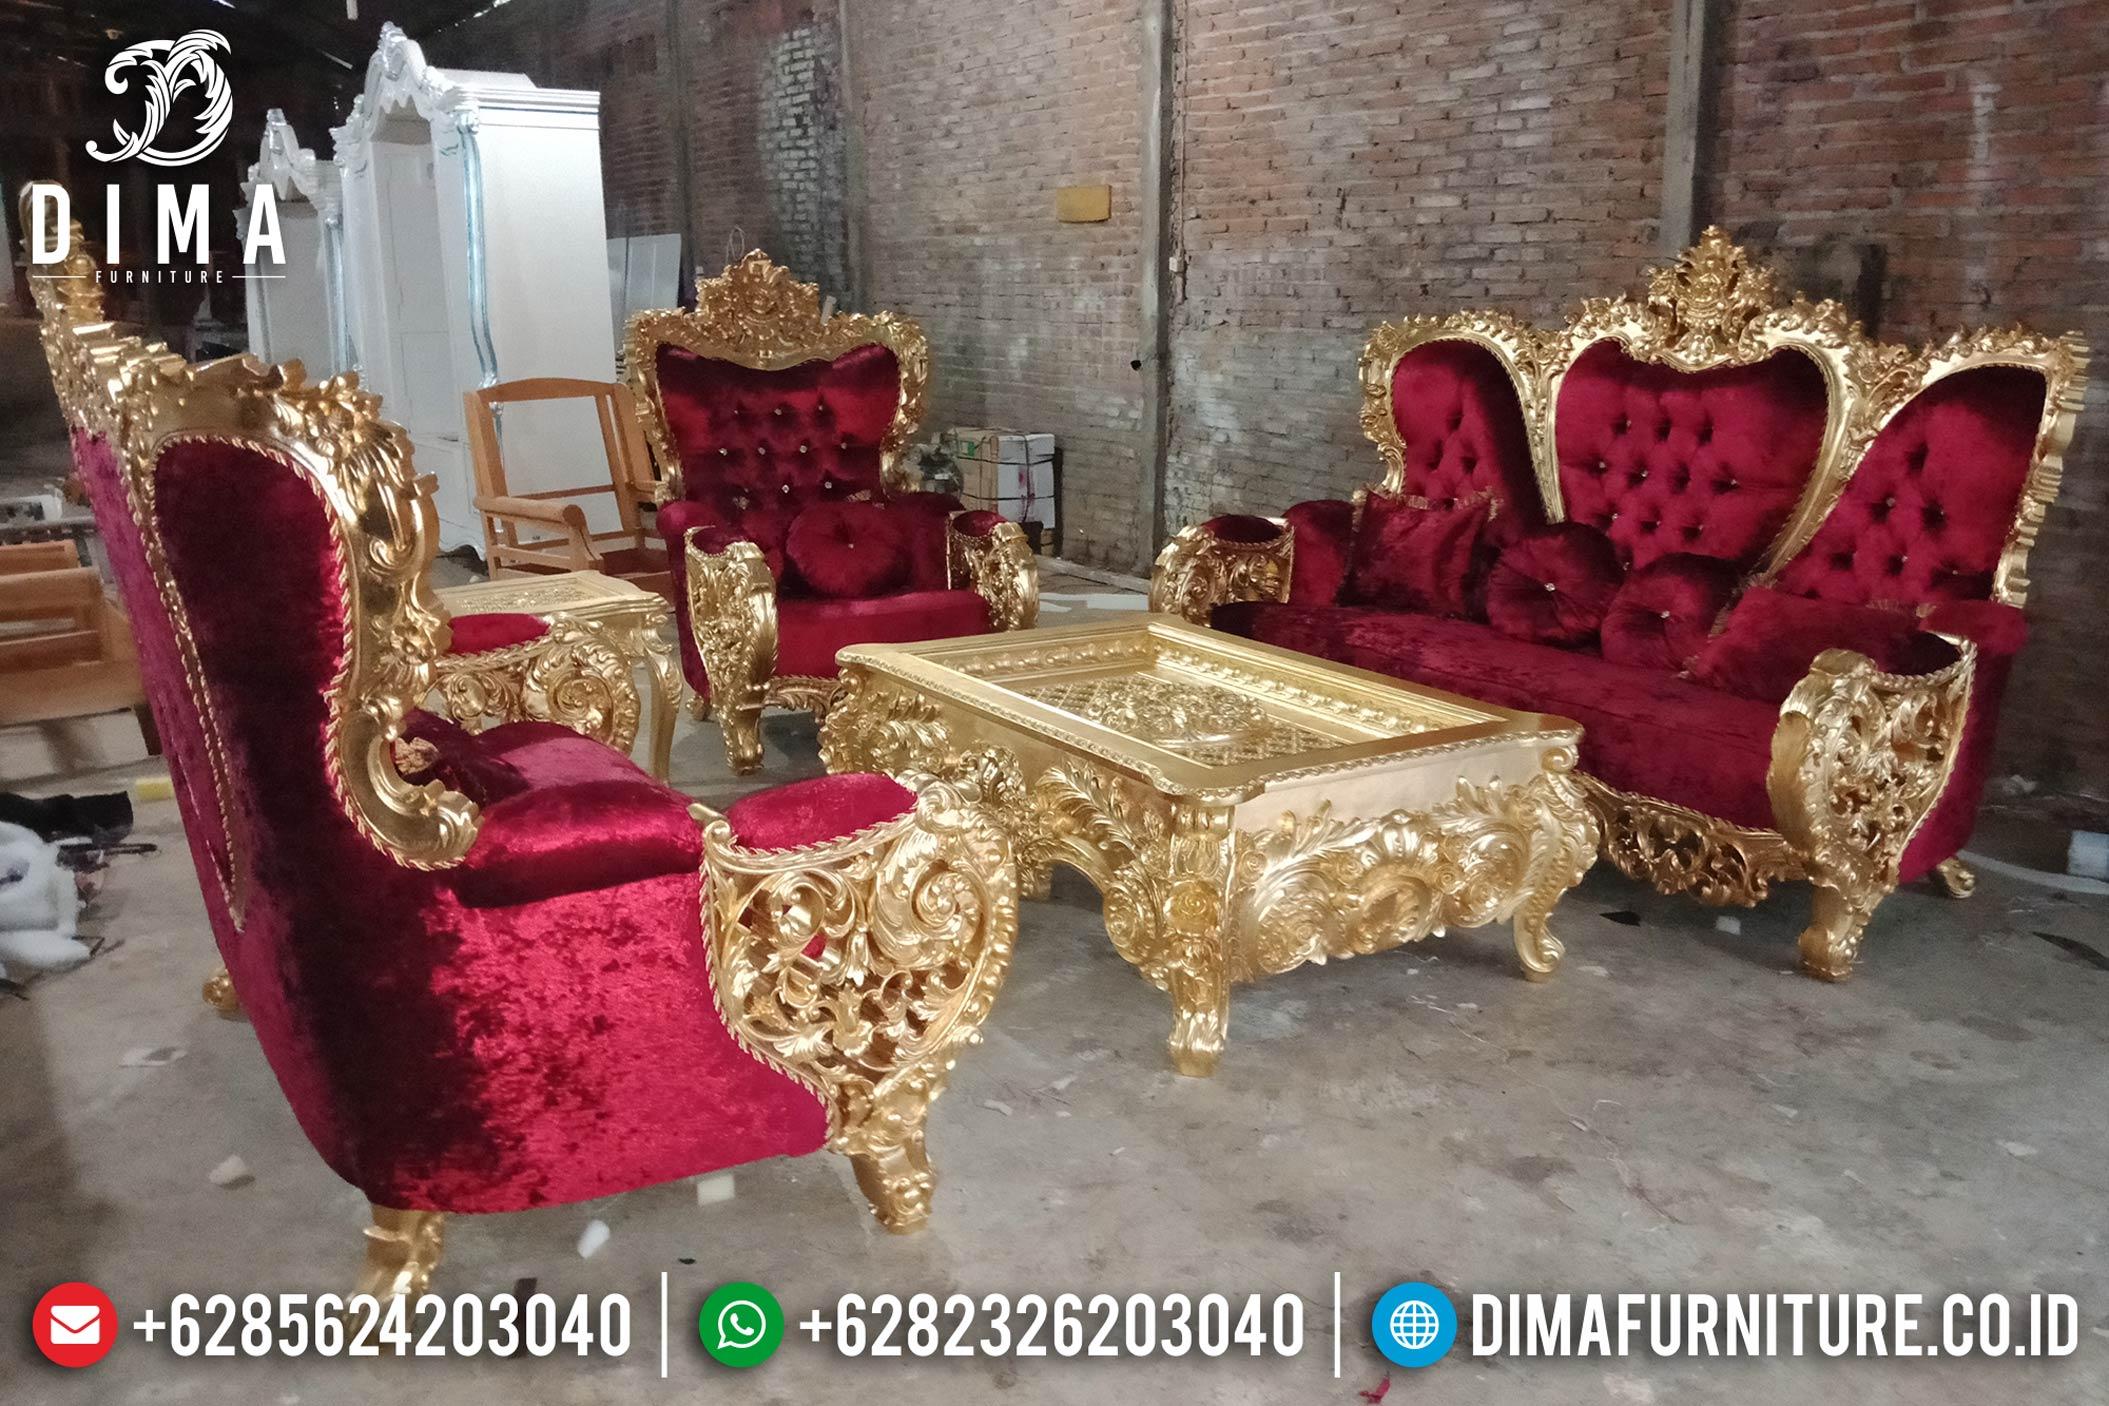 Model Set Kursi Sofa Tamu Mewah Jepara Seri Bellagio Gold Leaf Royal DF-0859 Gambar 1